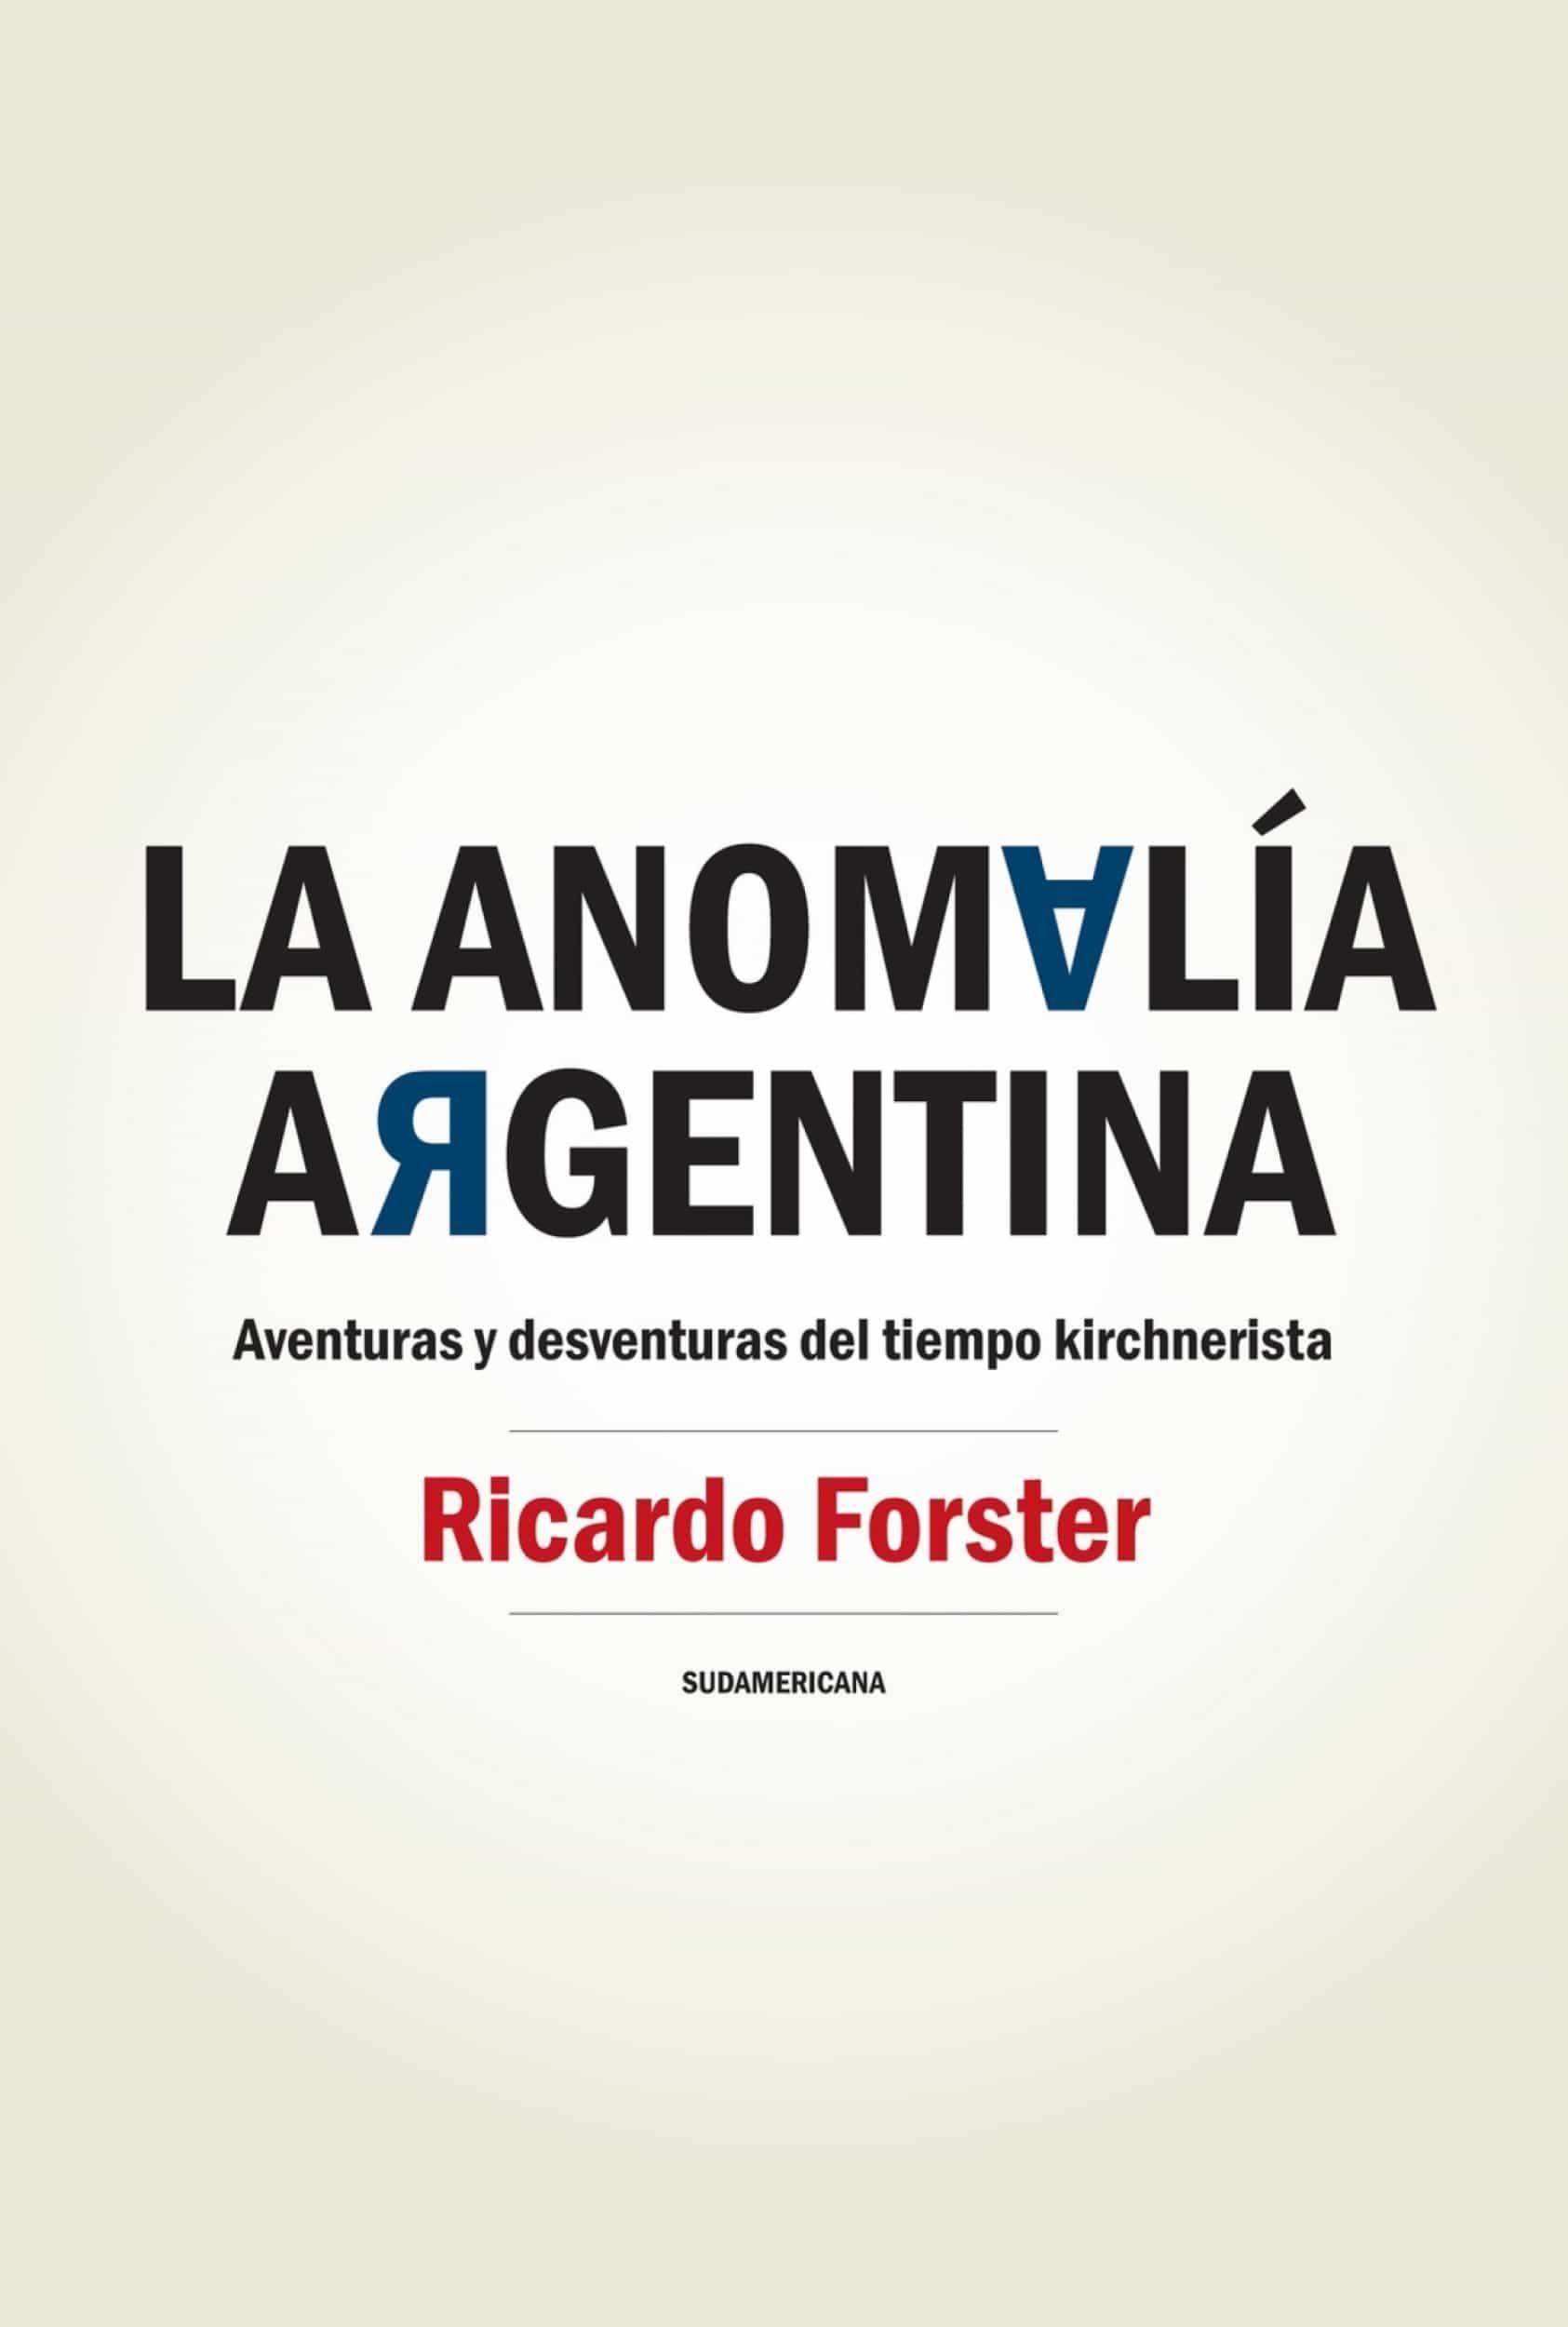 LA ANOMALÍA ARGENTINA (EBOOK)